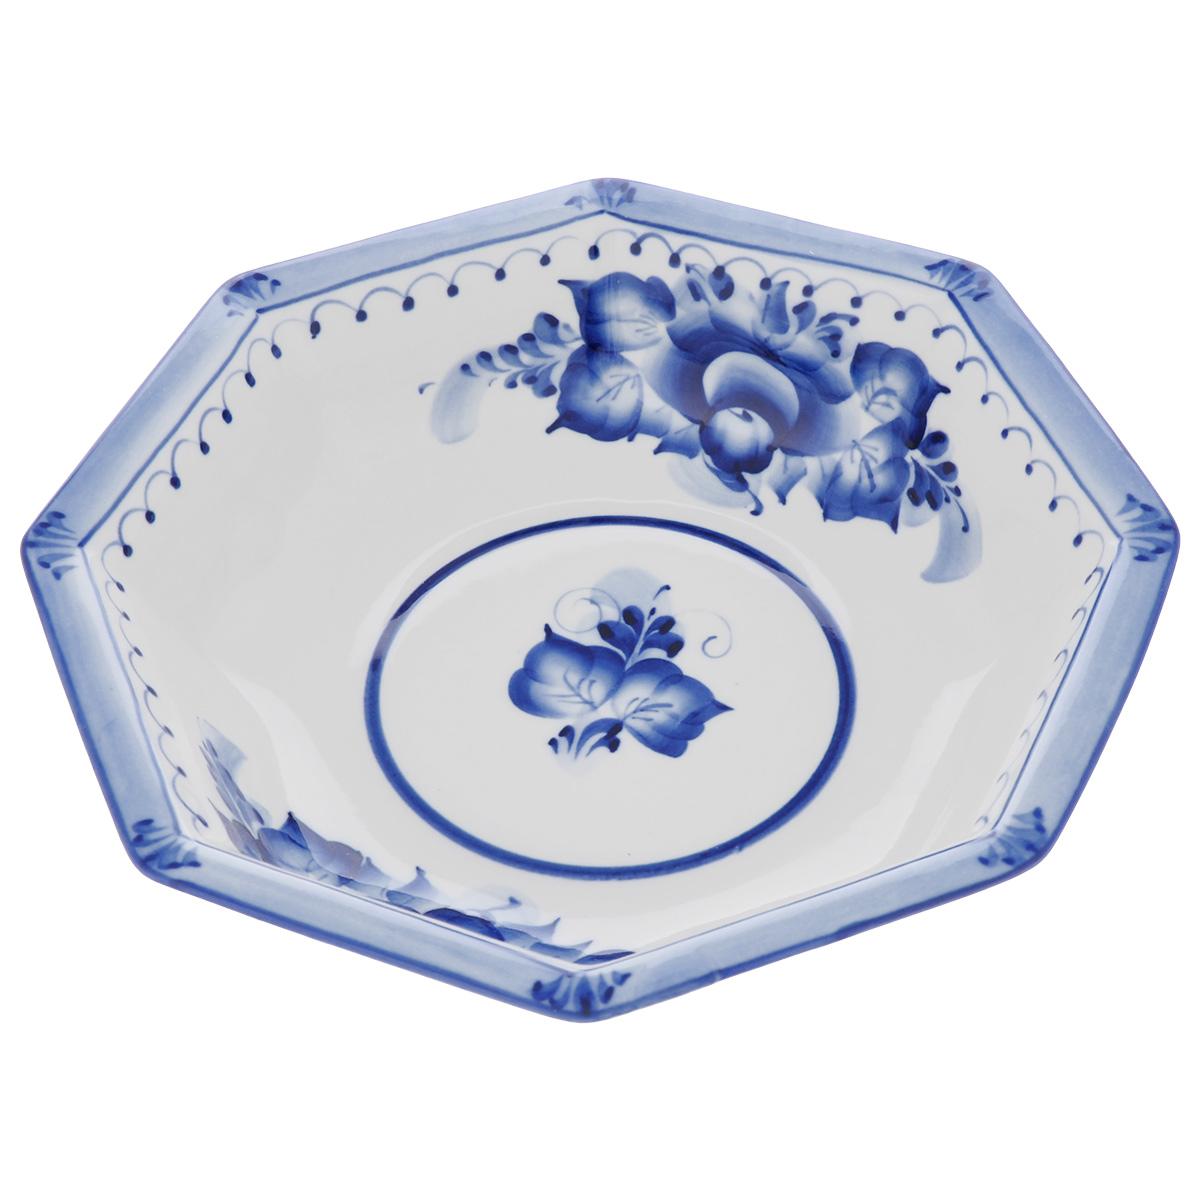 Салатник Европейский, цвет: белый, синий, 22 х 22 х 5 см993040122Салатник Европейский выполнен из высококачественного фарфора и декорирован росписью в технике гжель. Салатник сочетает в себе изысканный дизайн с максимальной функциональностью. Он прекрасно впишется в интерьер вашей кухни и станет достойным дополнением к кухонному инвентарю. Салатник не только украсит ваш кухонный стол и подчеркнет прекрасный вкус хозяйки, но и станет отличным подарком.Размер: 22 см х 22 см х 5 см.